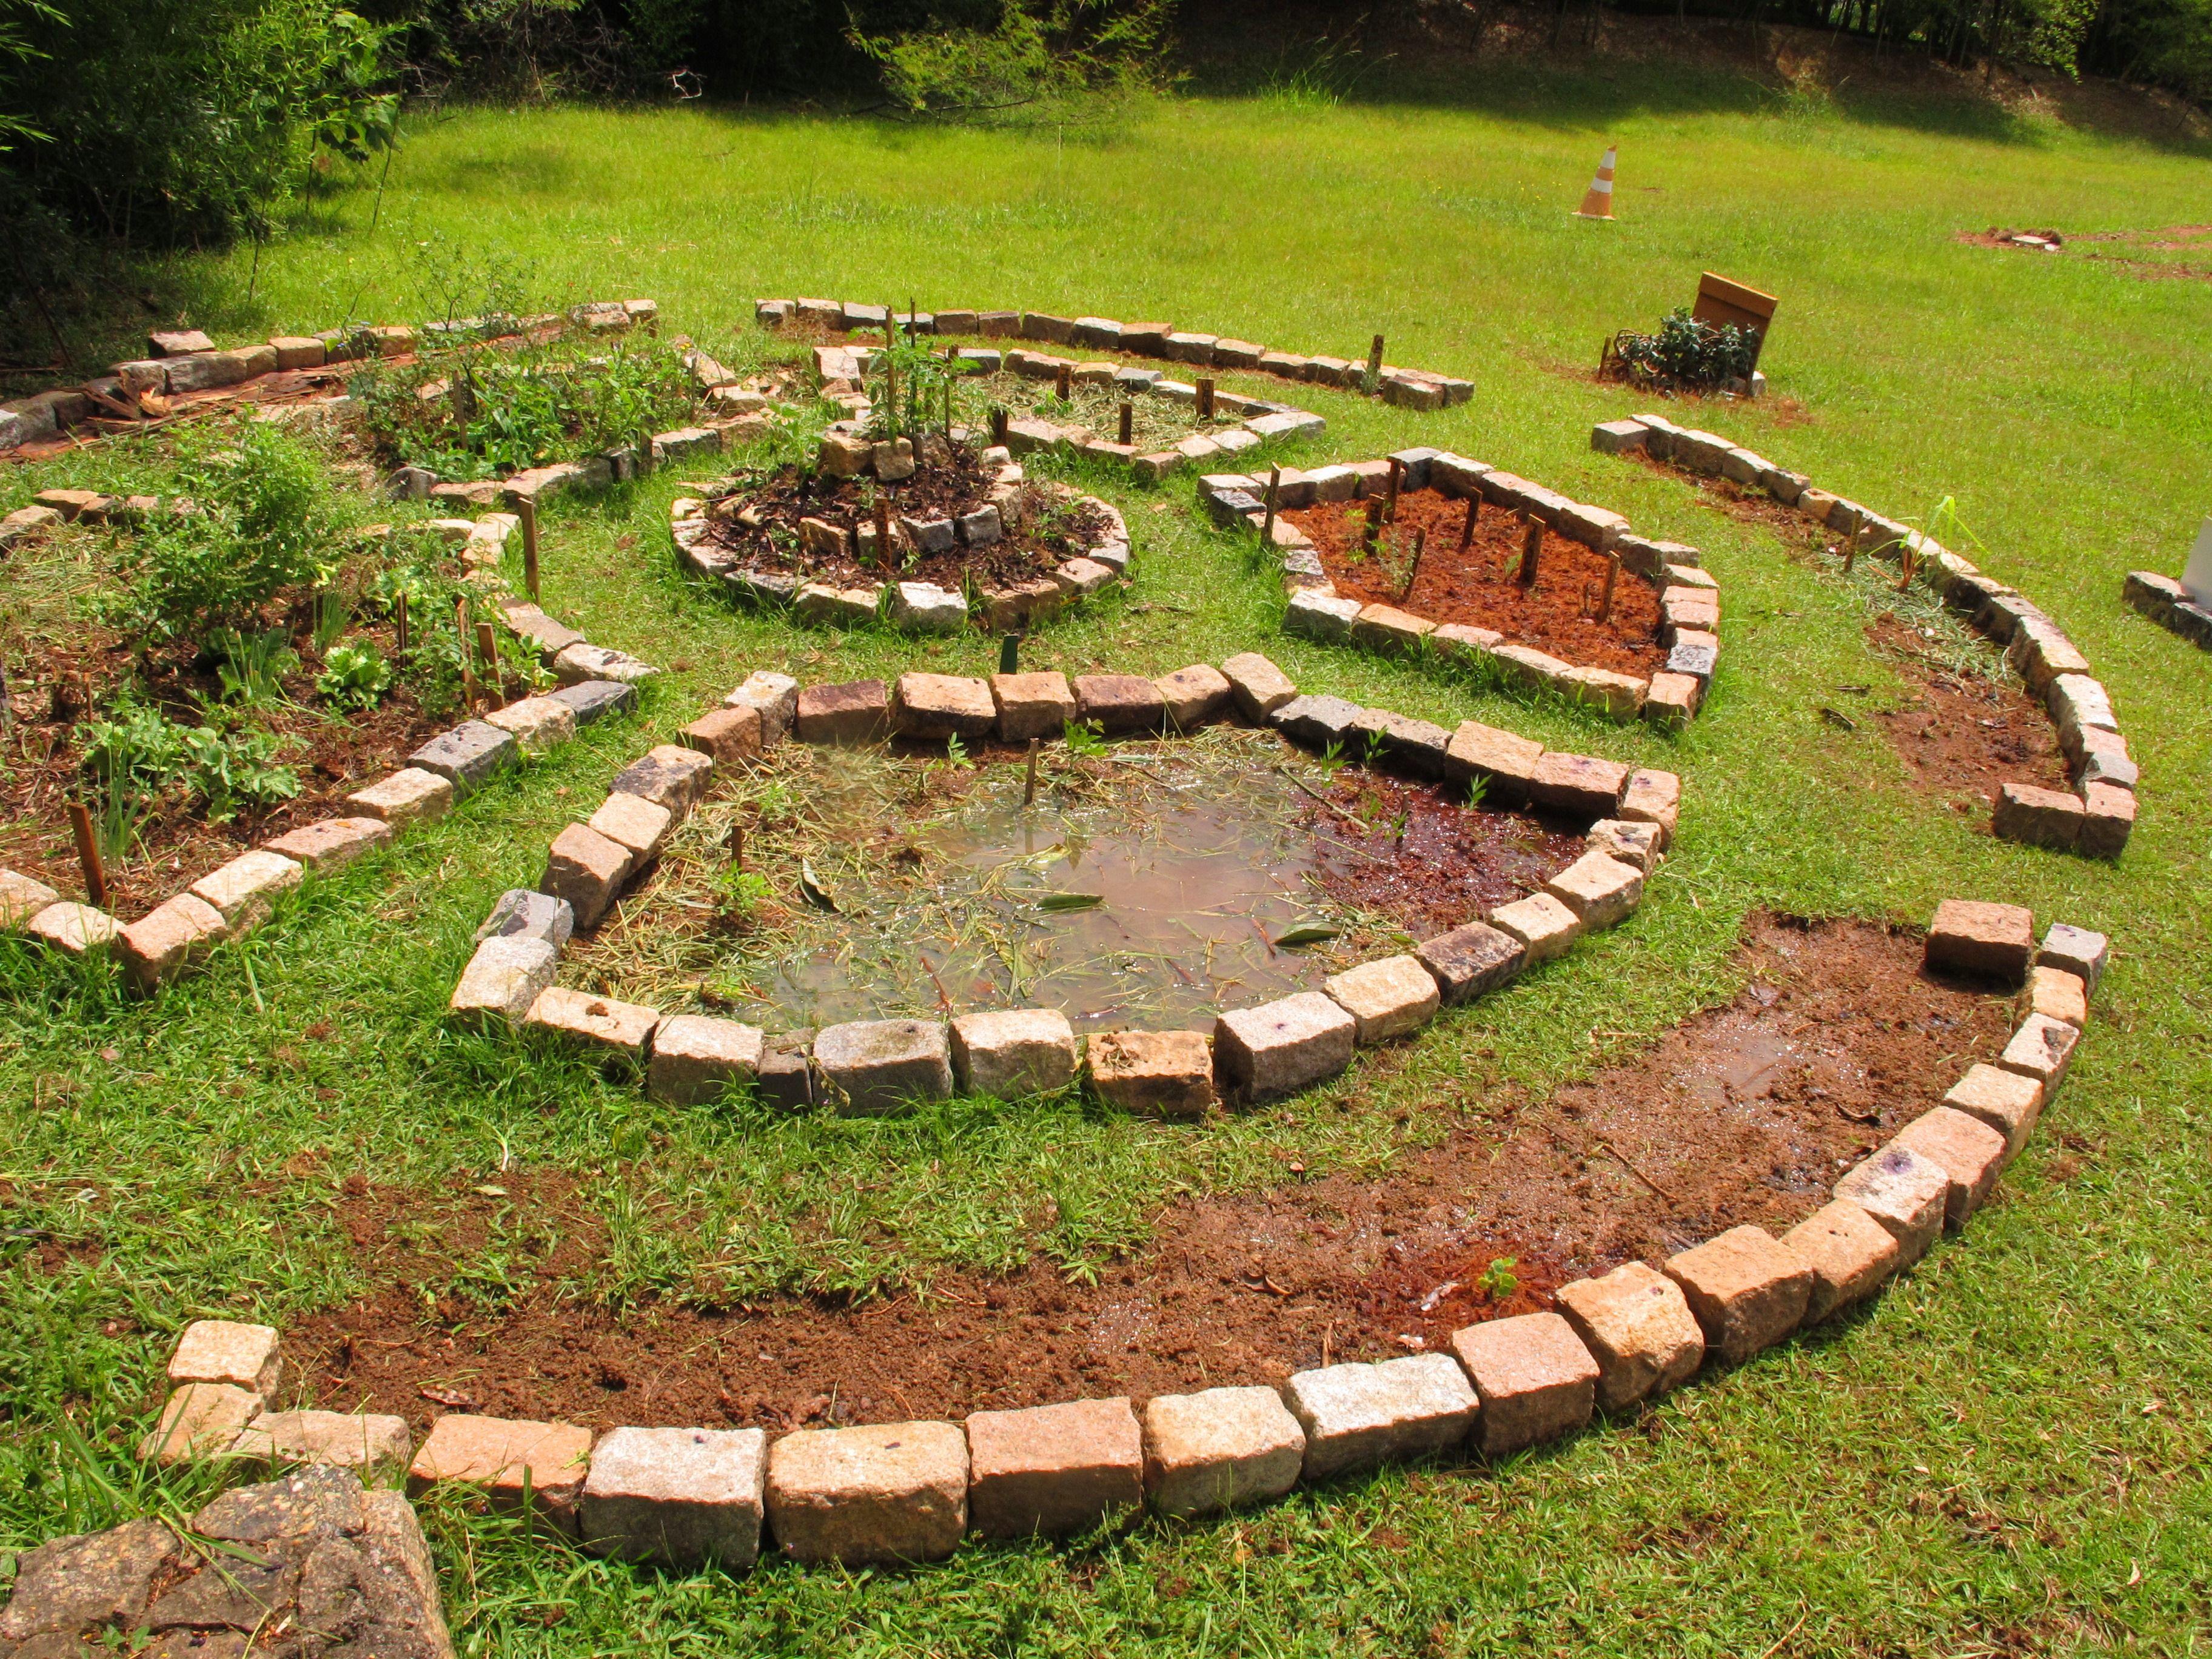 210d3025f6fae6c957a9326e17b88f08 Unique De Amenagement Jardin Paysager Des Idées